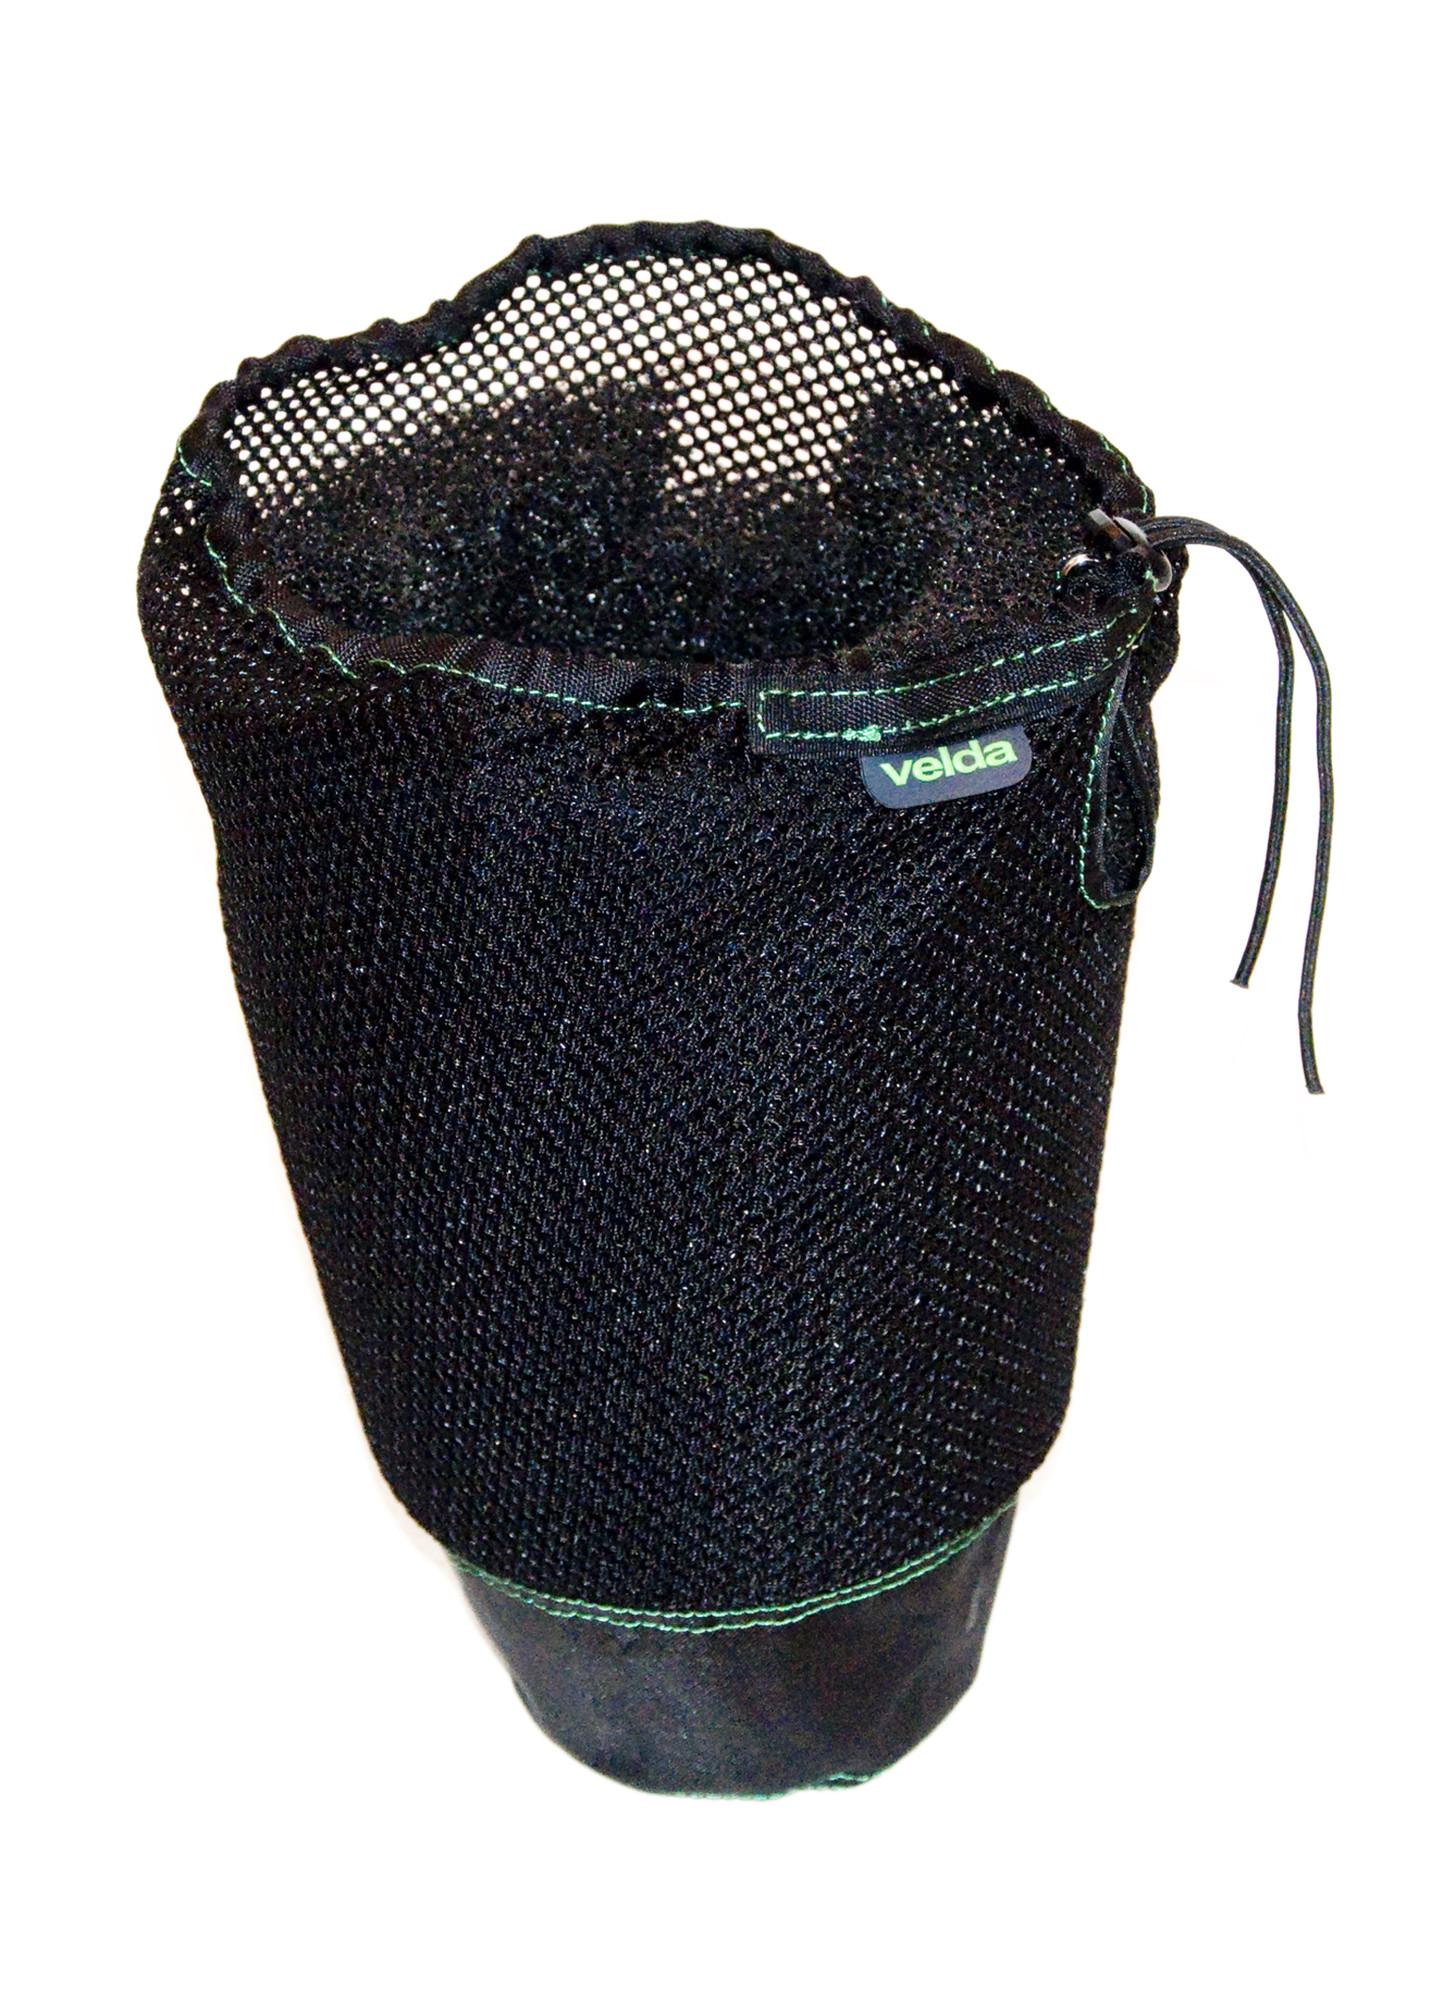 Velda Losse Zak Voor Floating Combi Filter